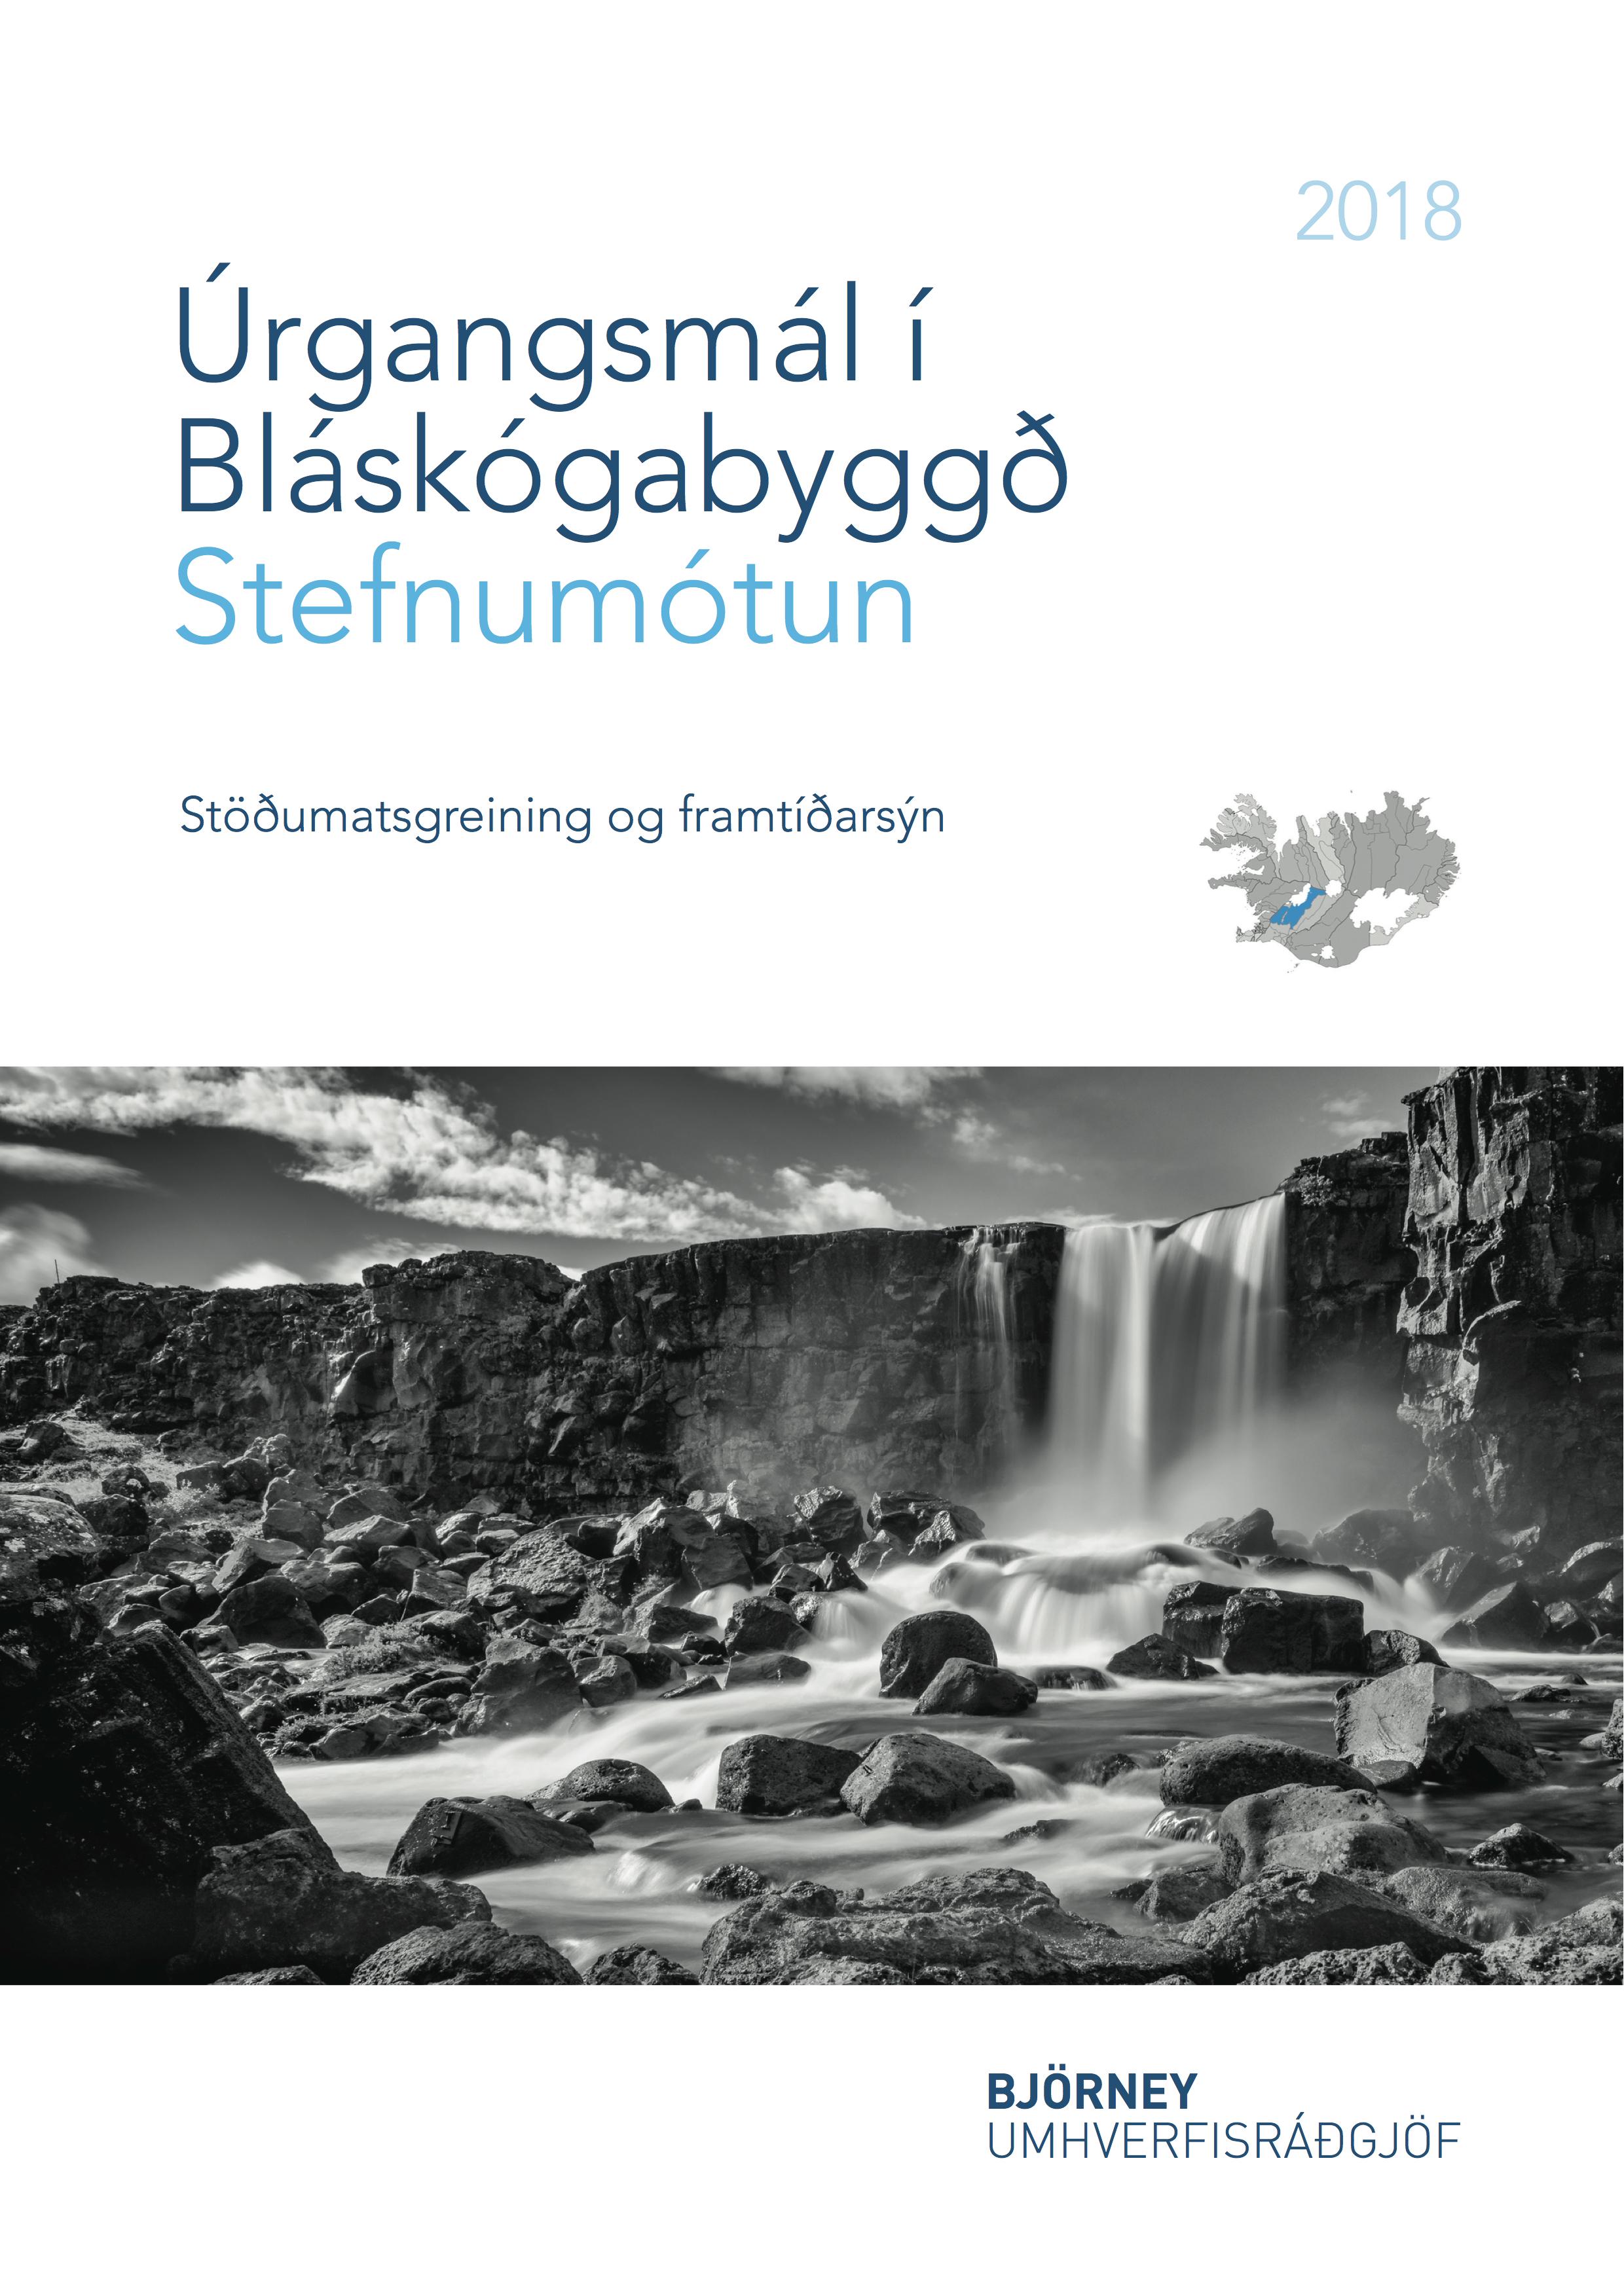 Björney umhverfisráðgjöf - SKÝRSLA